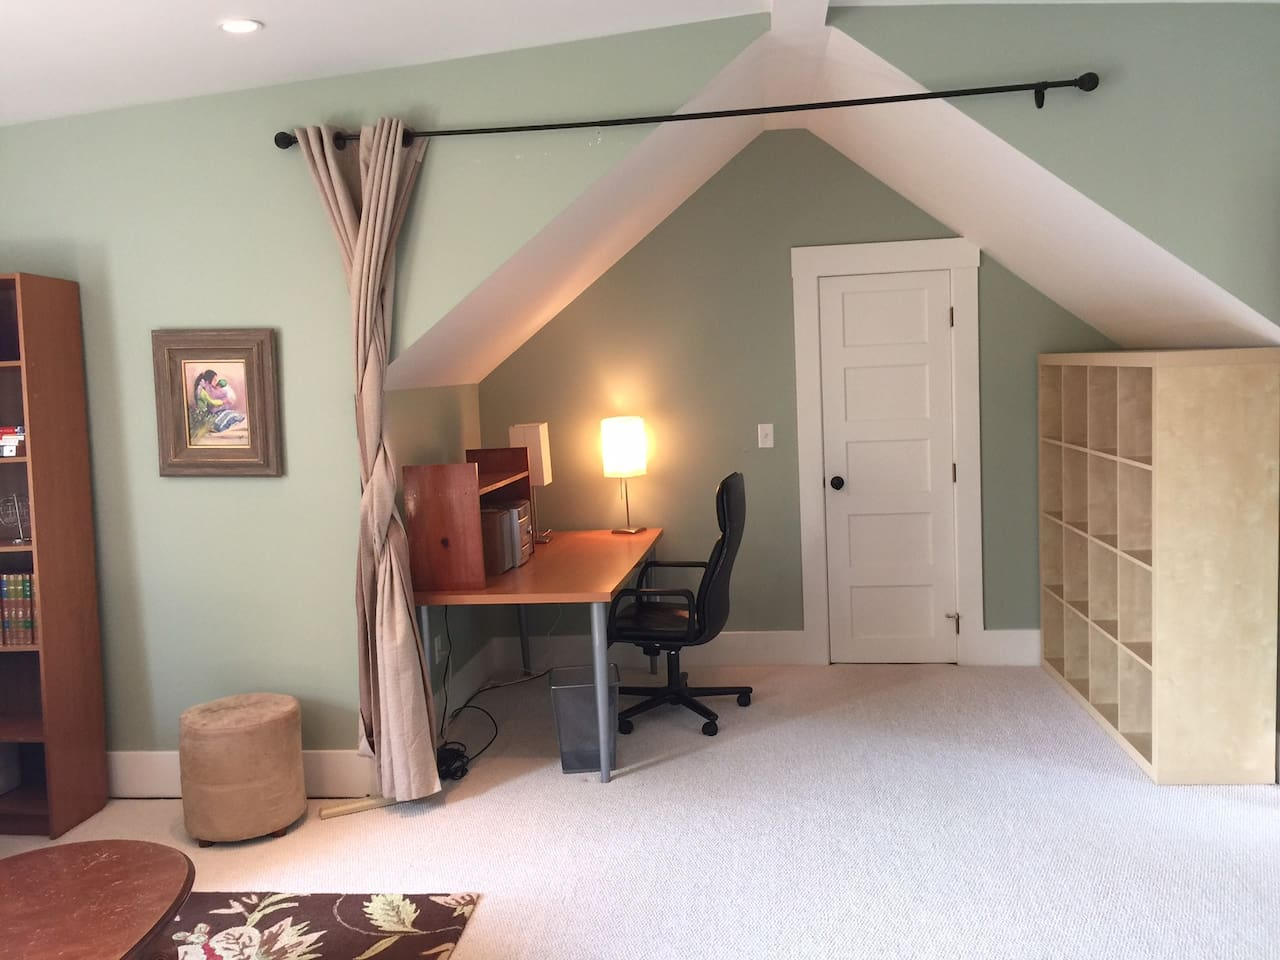 Study nook with desk and storage in Loft + Door to WIC